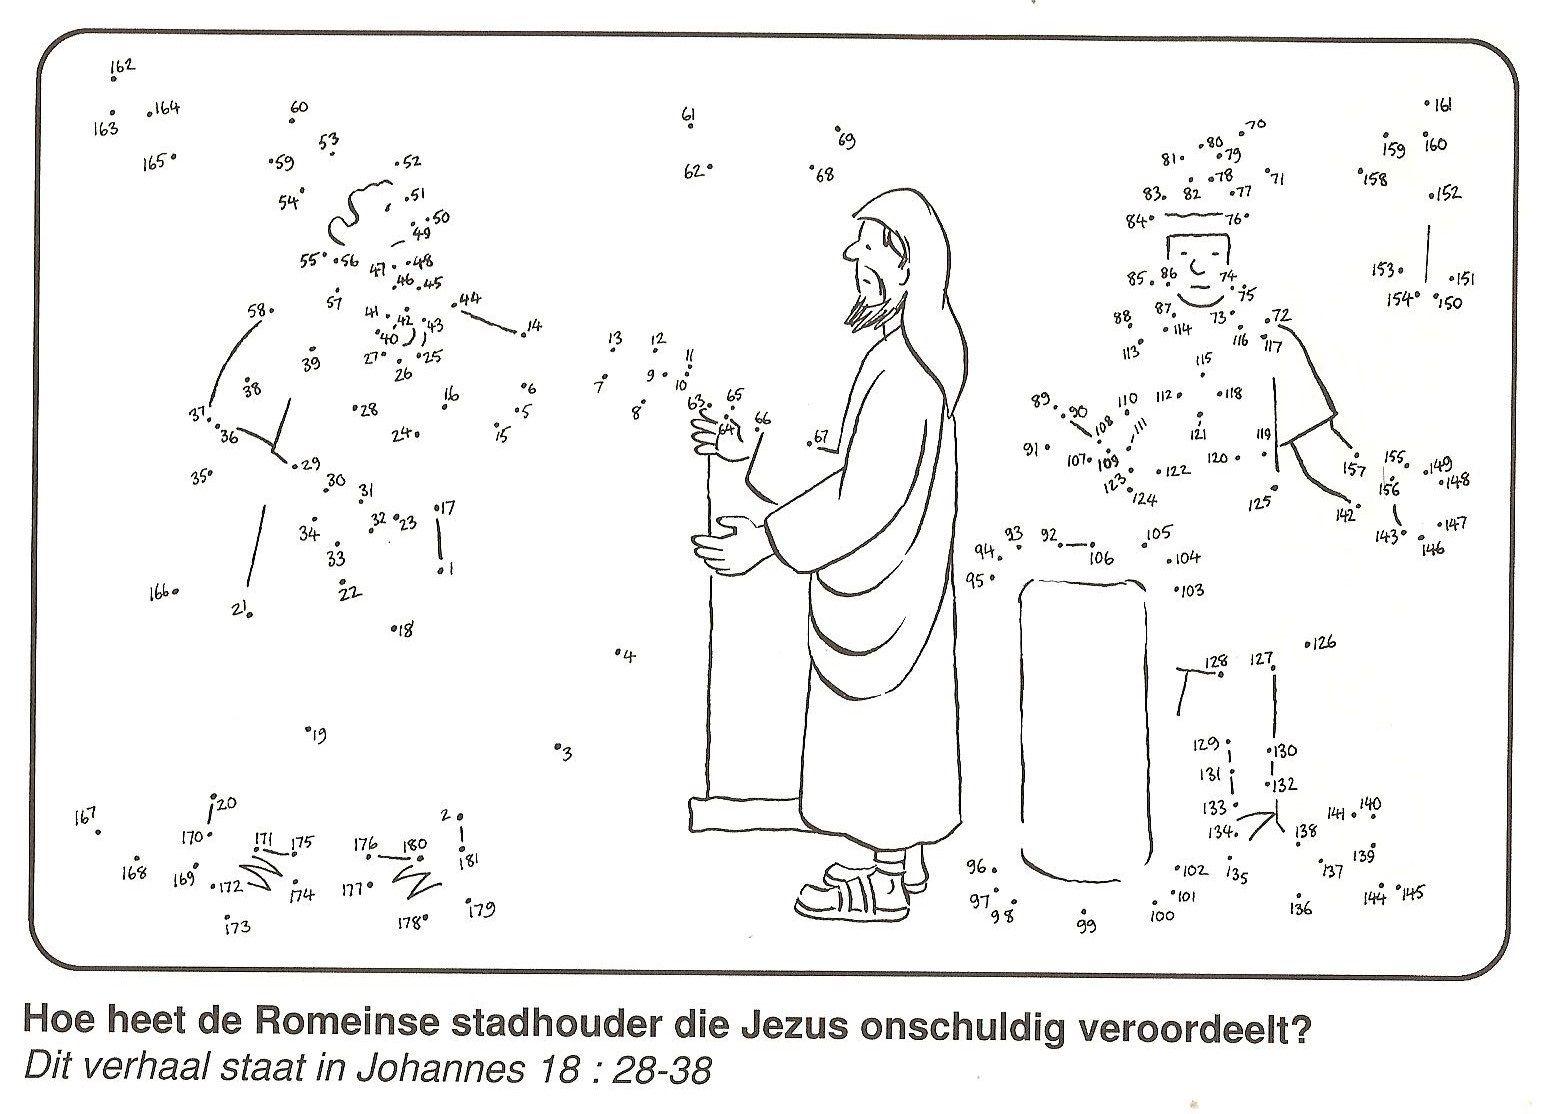 Jezus Ten Onrechte Veroordeeld Door Pilatus En Herodus Van